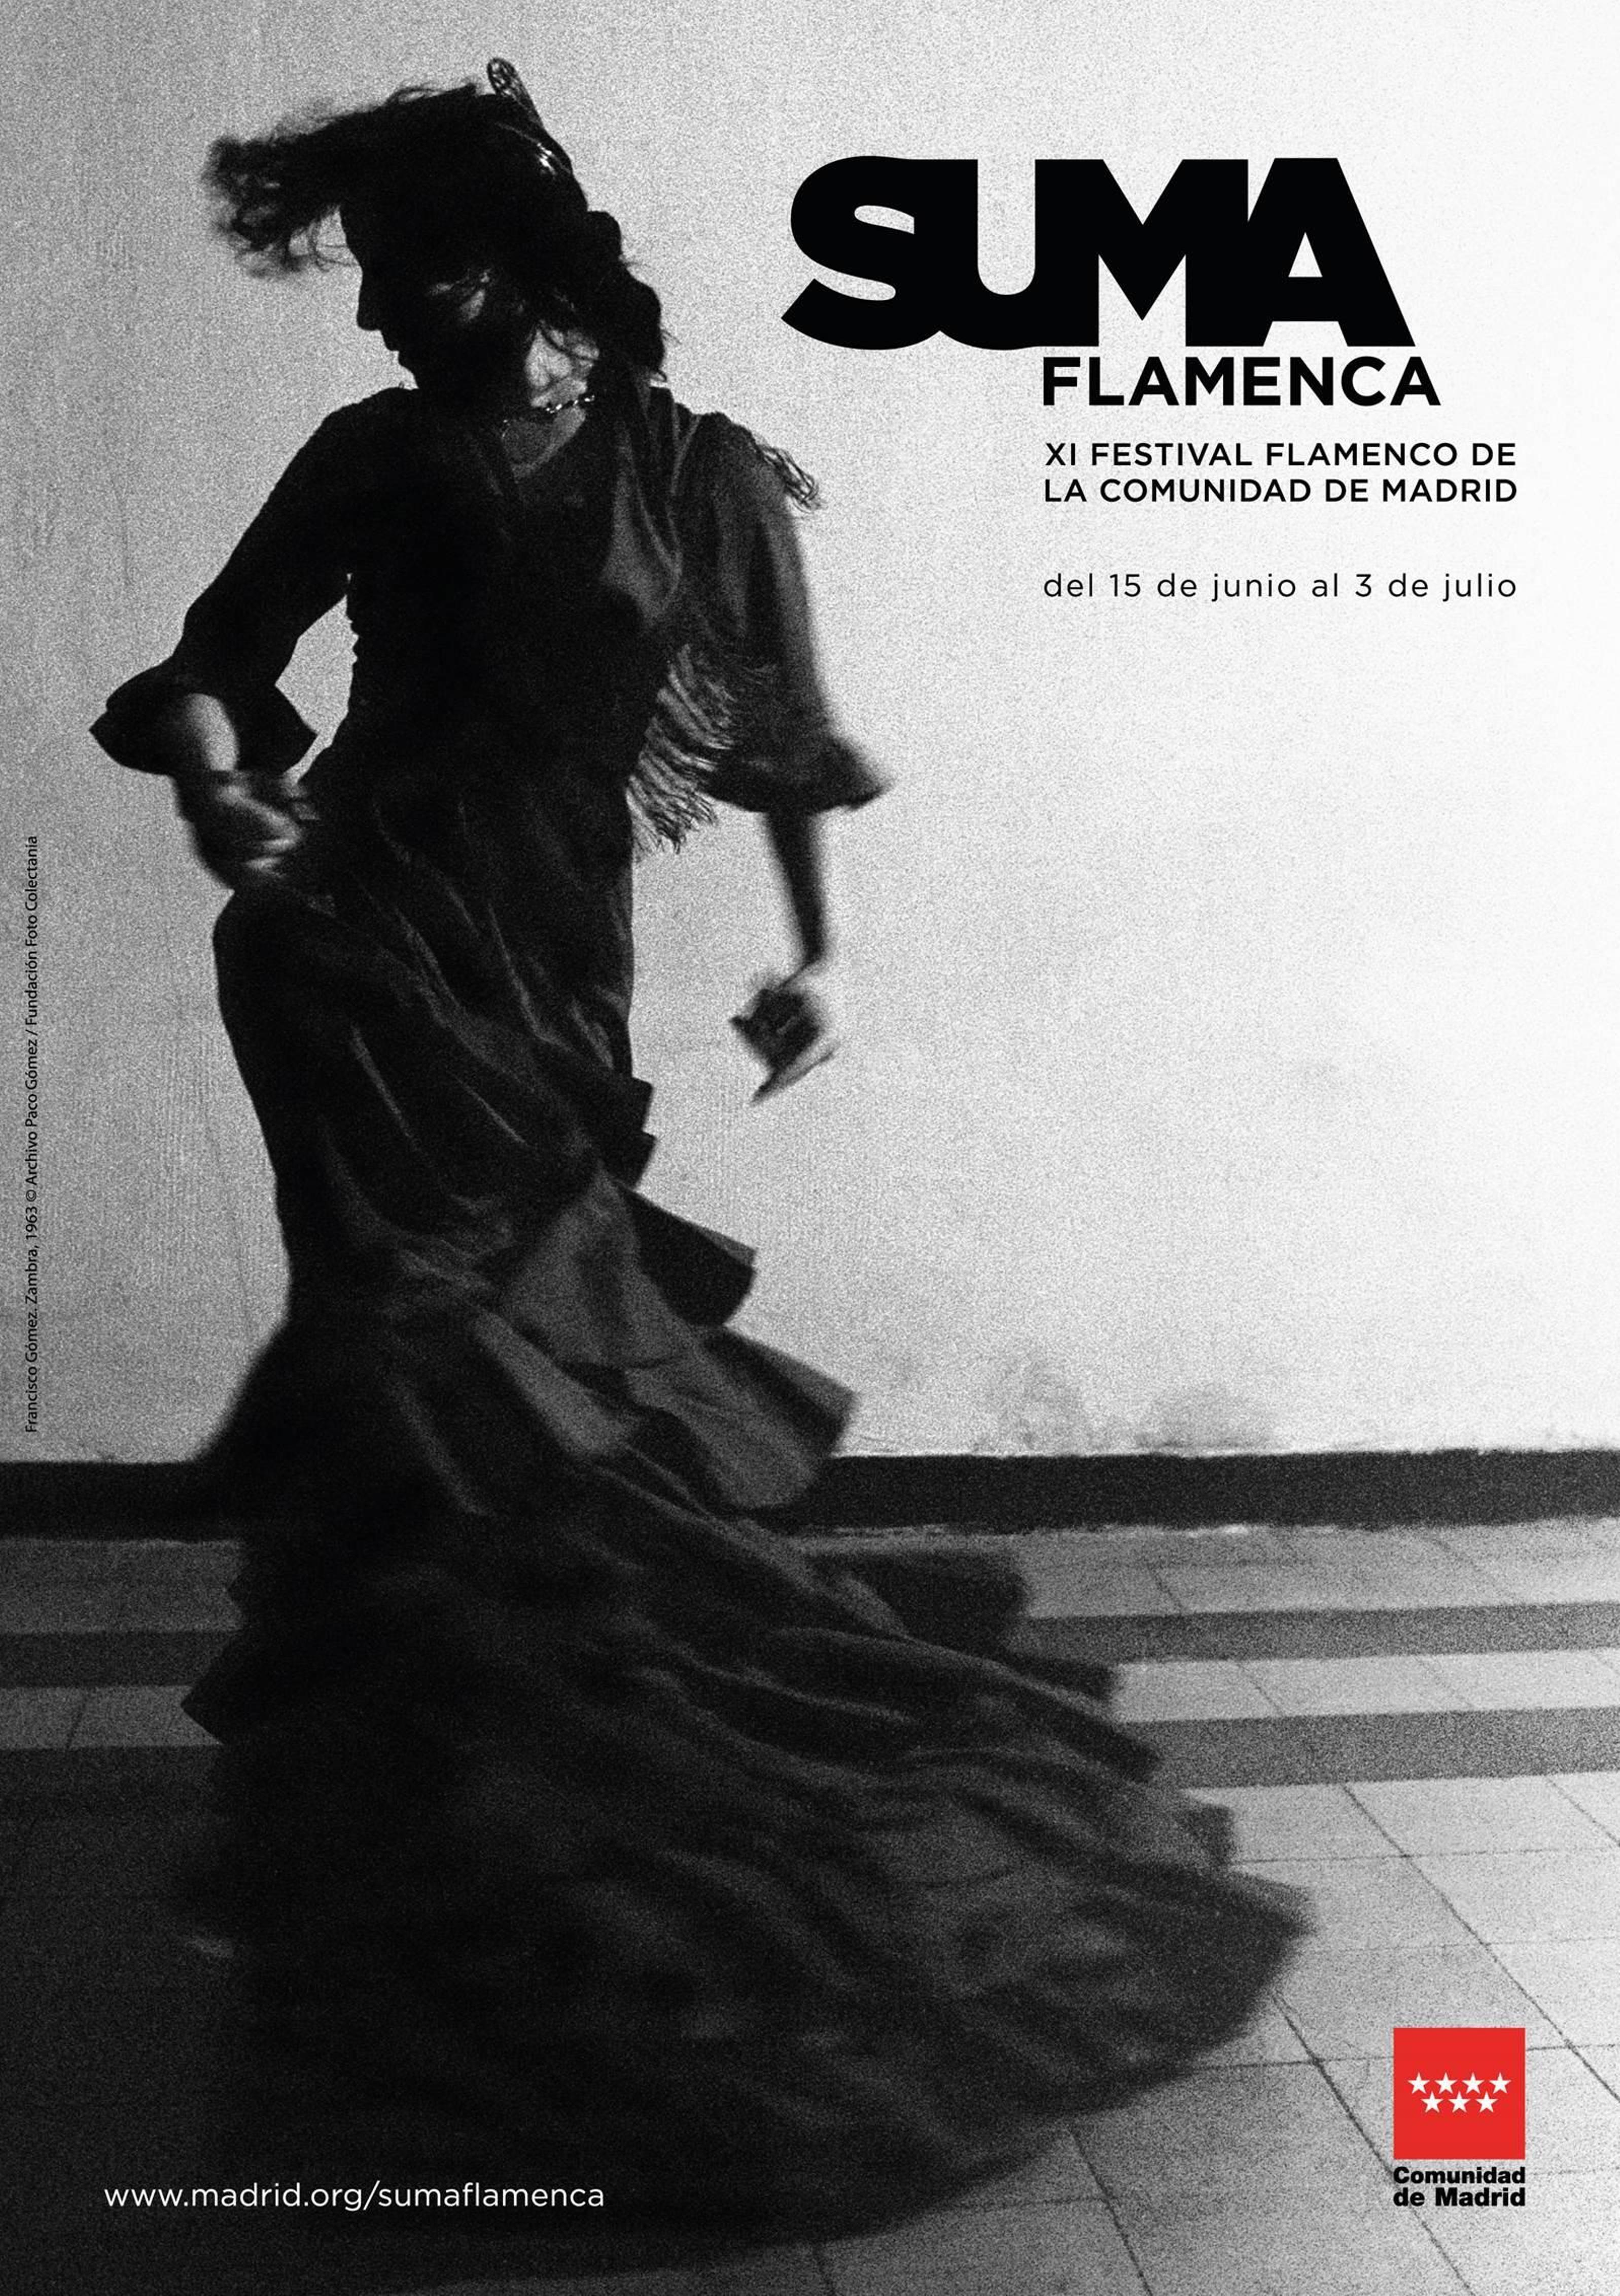 Arranca la XI edición del festival Suma Flamenca con las actuaciones de Vicente Amigo, Juan Carmona, Estrella Morente y Farruquito